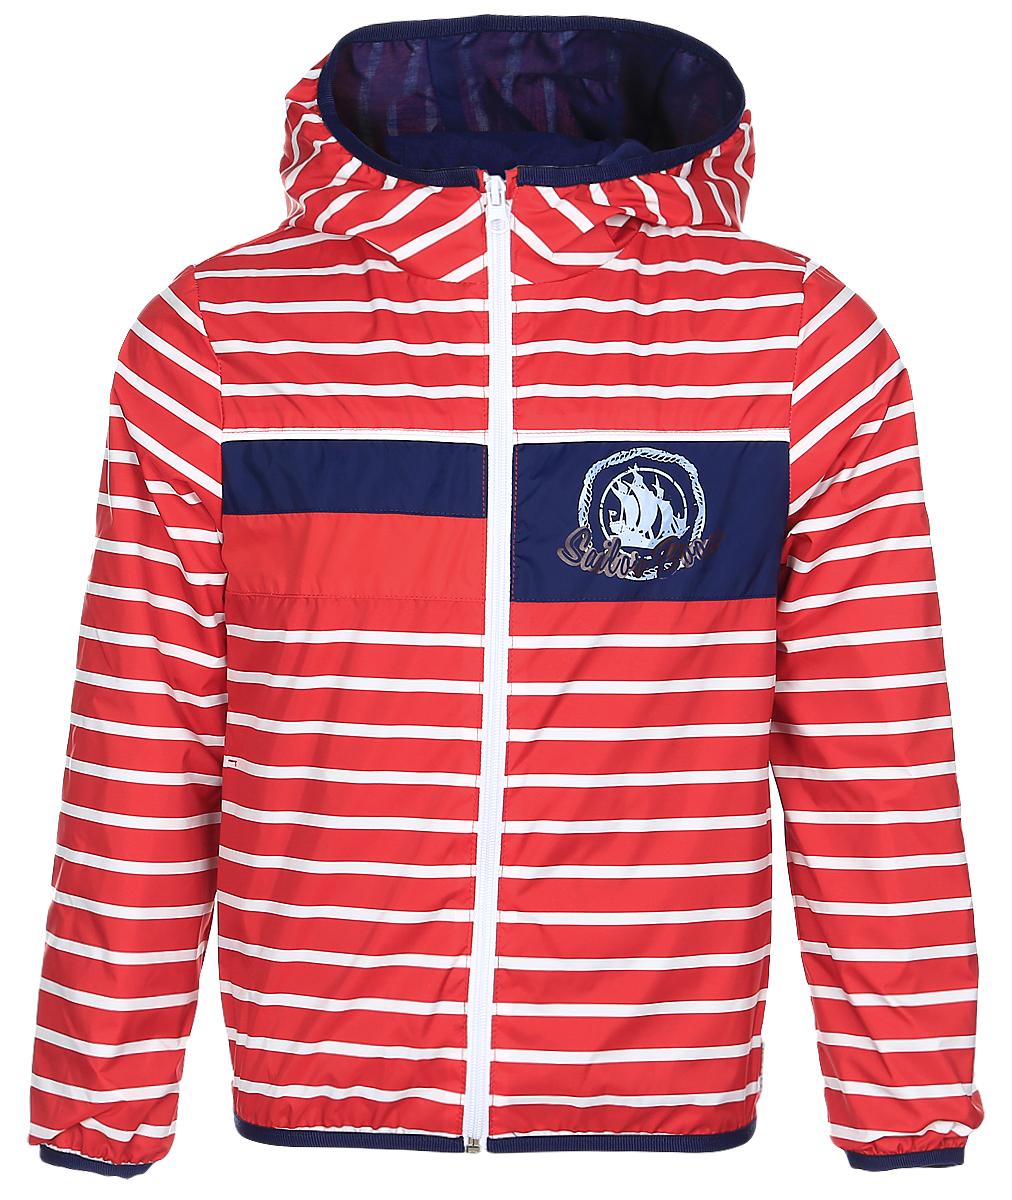 Куртка для мальчика Boom!, цвет: красный. 70029_BOB_вар.3. Размер 80, 1,5-2 года70029_BOB_вар.3Куртка для мальчика Boom! изготовлена из водонепроницаемого полиэстера. Куртка с капюшоном застегивается на пластиковую застежку-молнию. Края капюшона, рукавов и низа куртки отделаны тонкой эластичной резинкой. В боковых швах предусмотрены два прорезных кармана. Модель оформлена оригинальным принтом на груди и дополнена светоотражающими элементами.